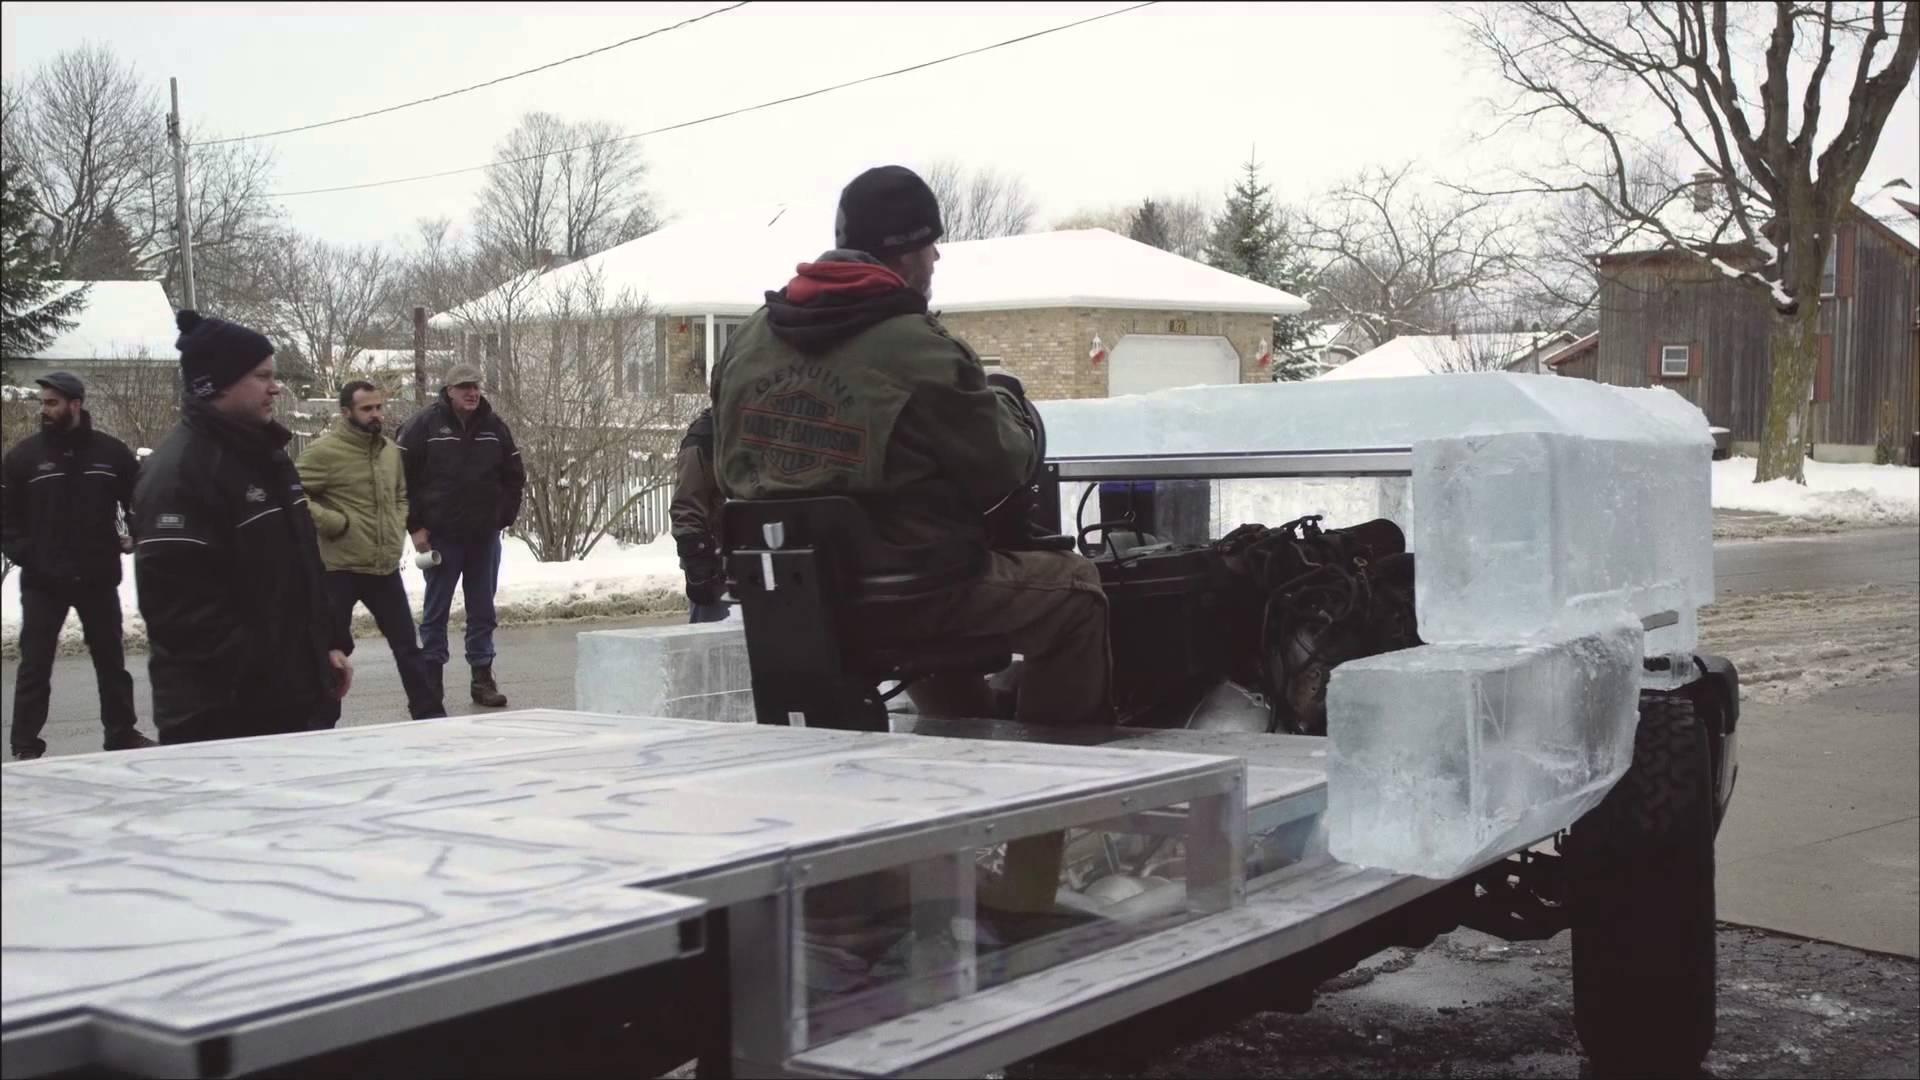 ボディは氷製! アイストラックの製作ドキュメンタリー